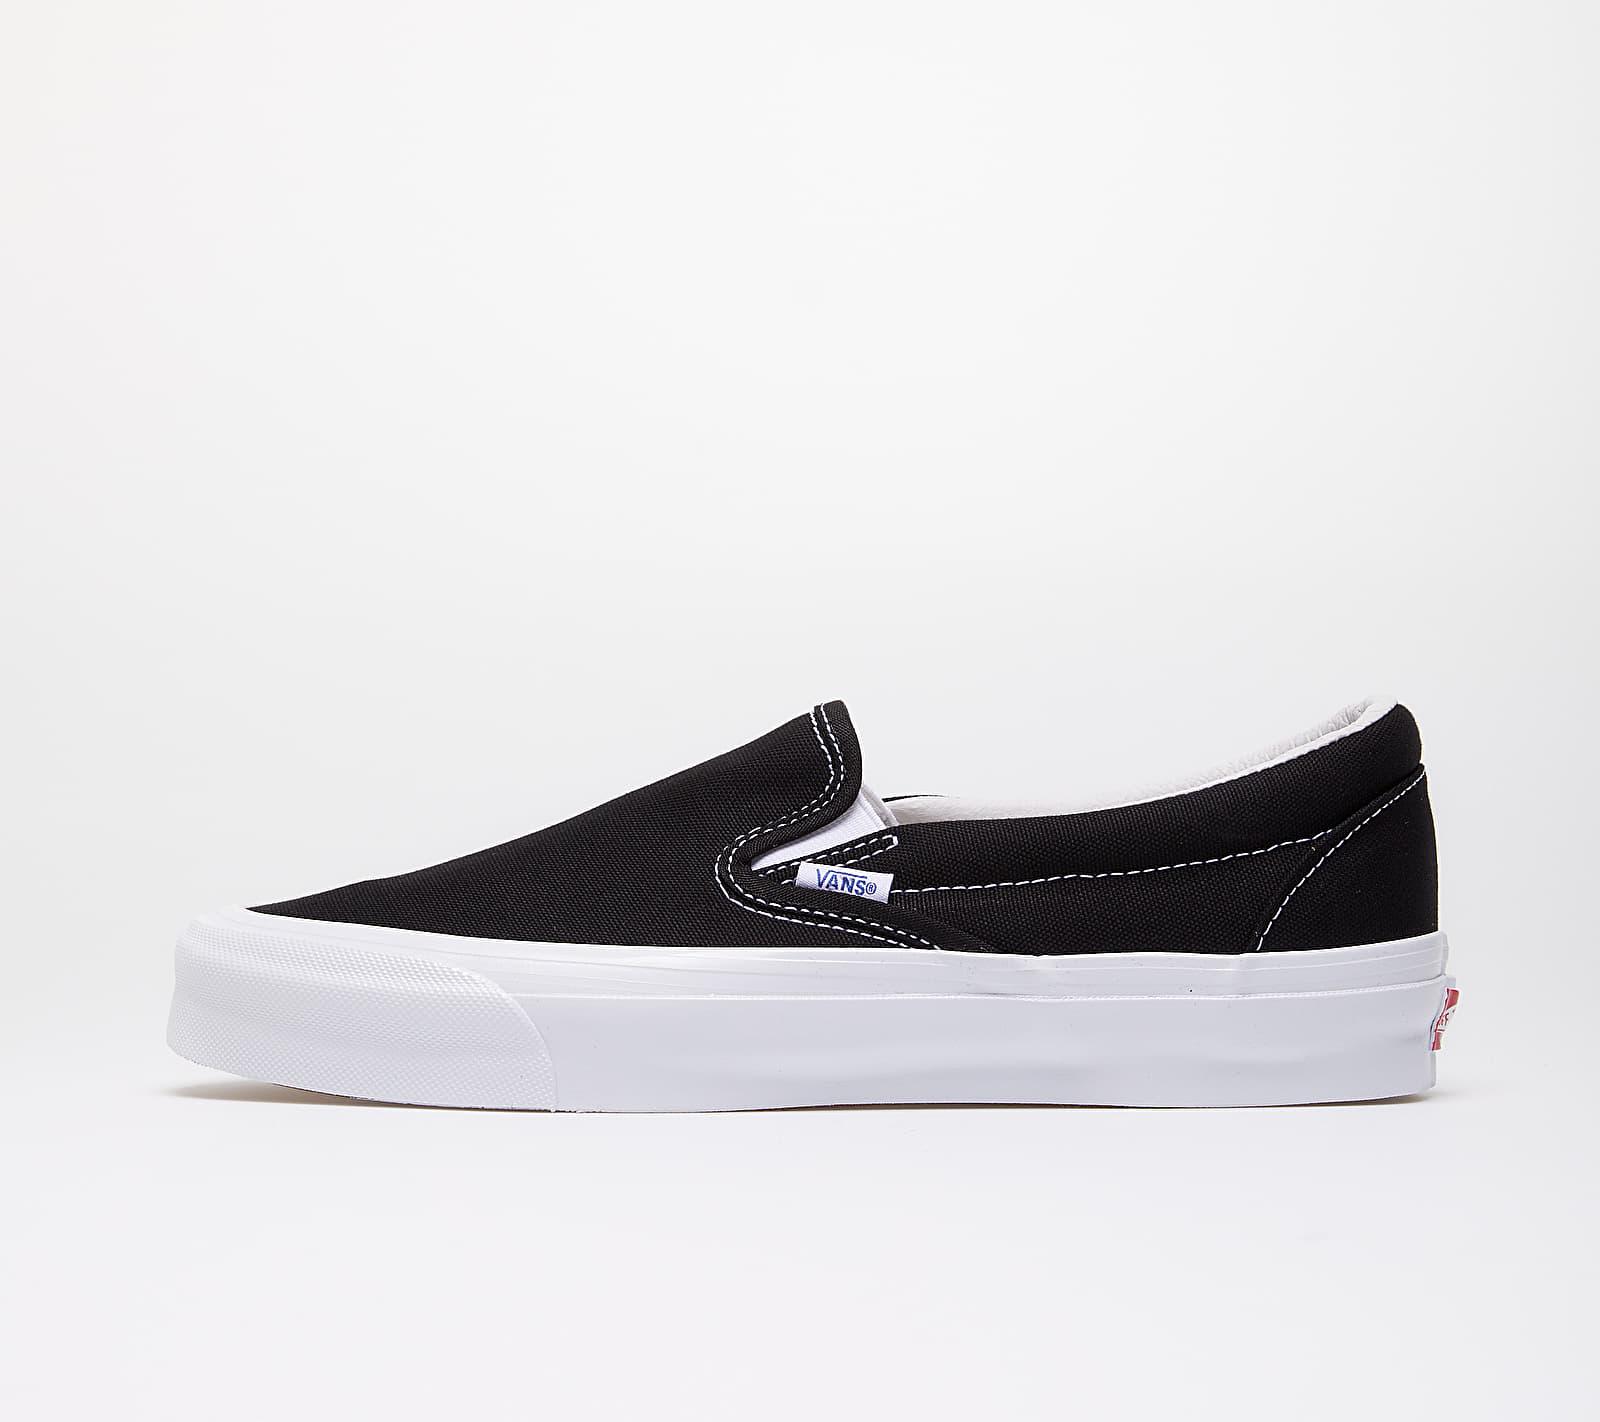 Vans OG Classic Slip-On (Canvas) Black/ True White VN0A45JK1WX1